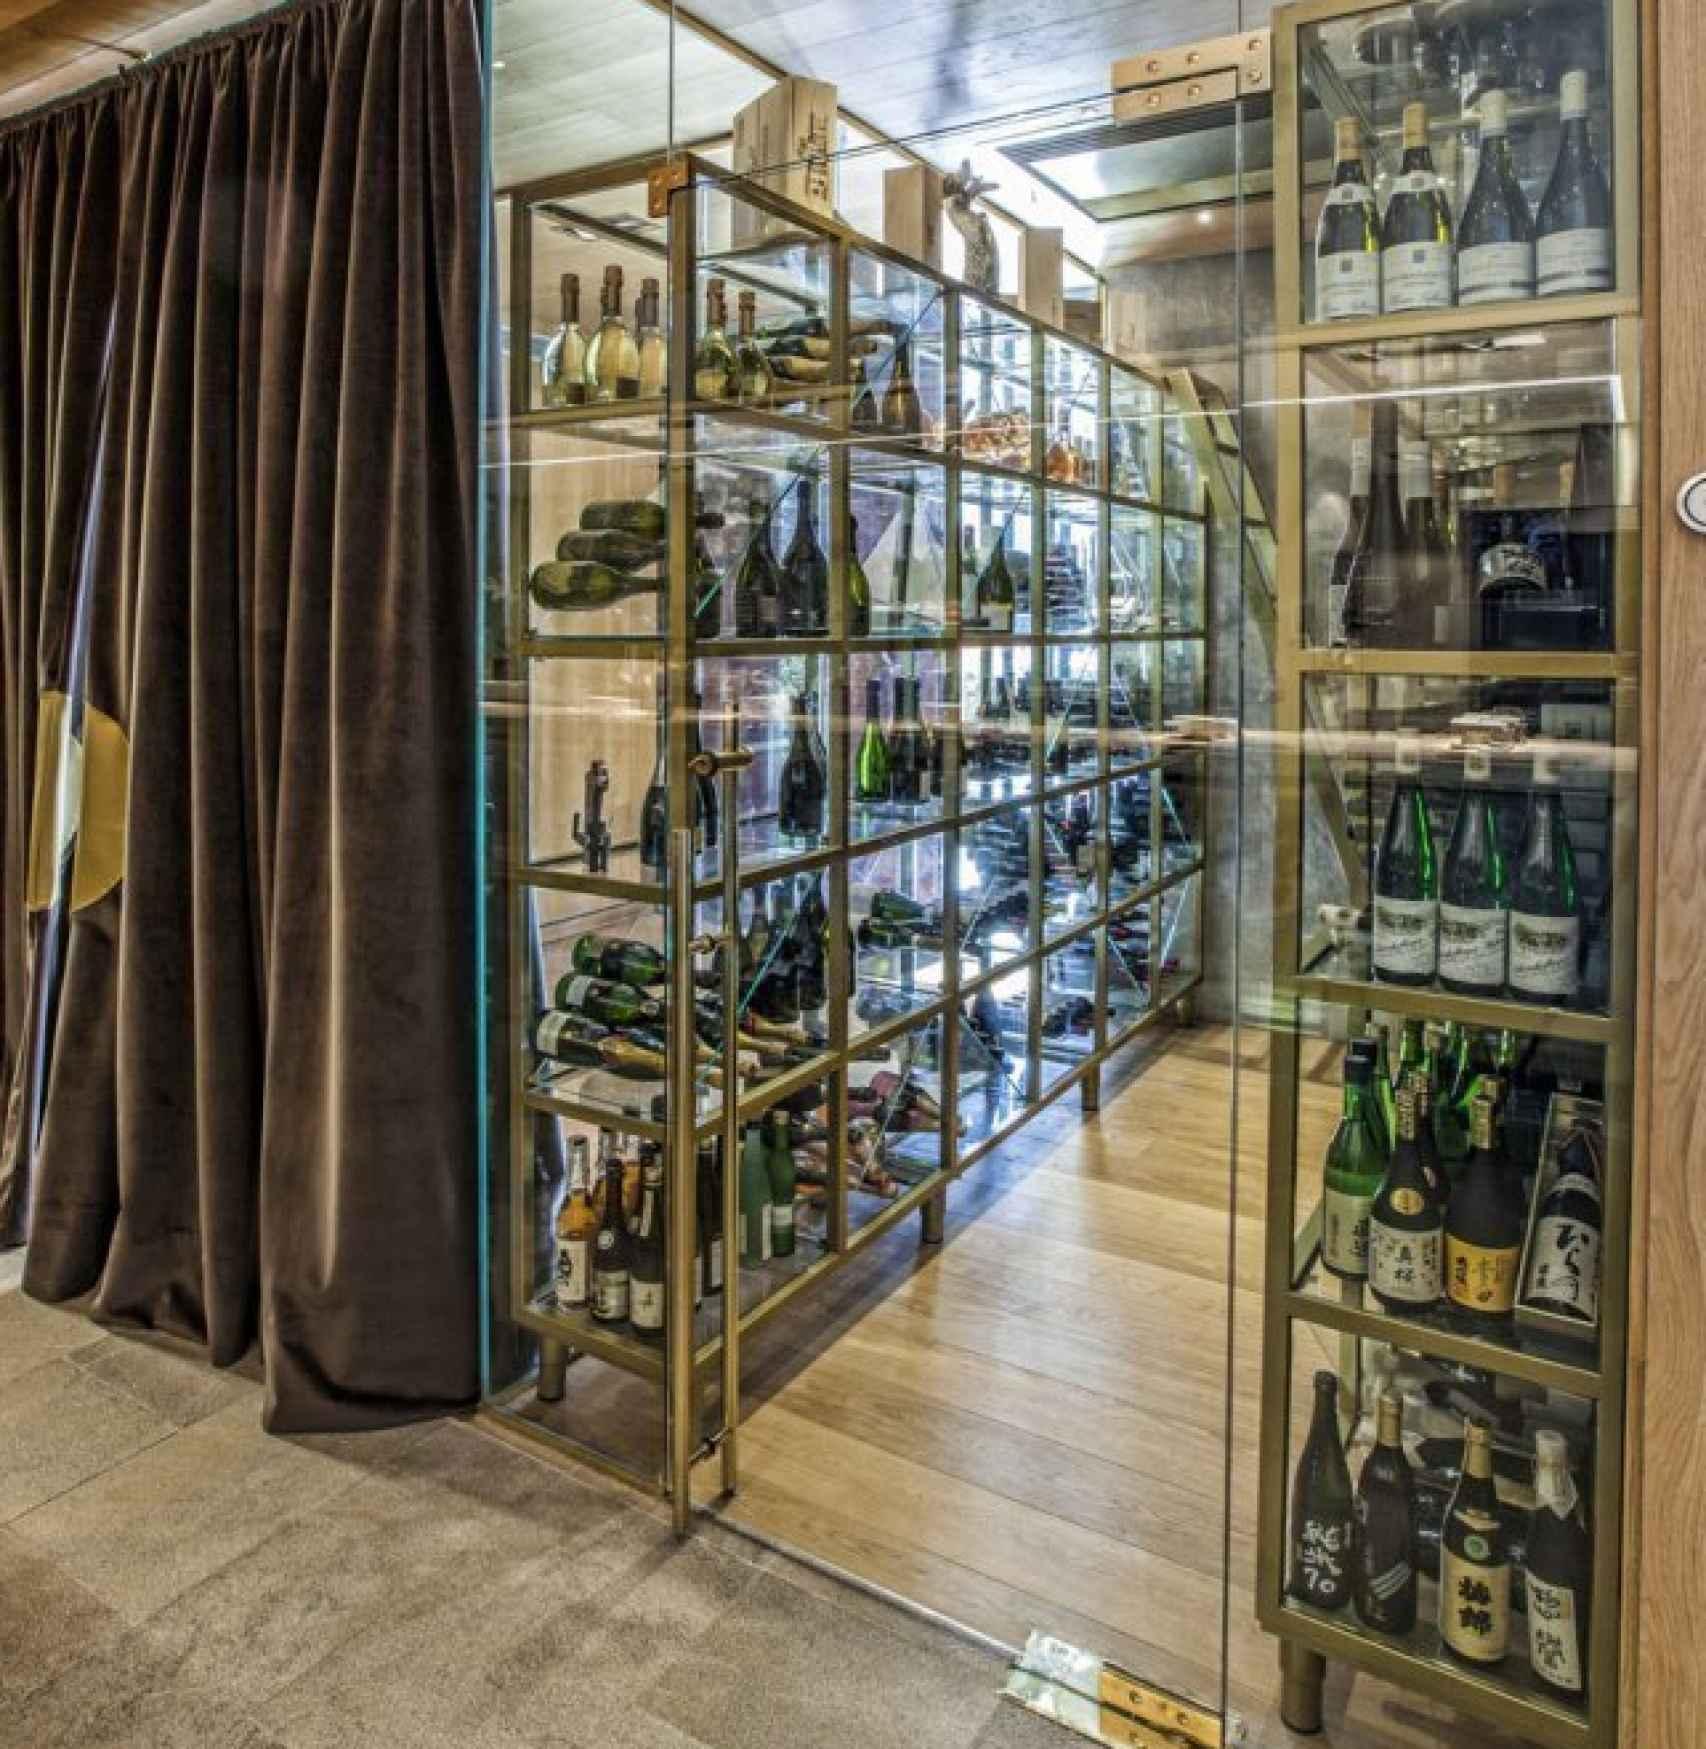 La bodega de 99 KO sushi bar es una de las más valoradas de Madrid.